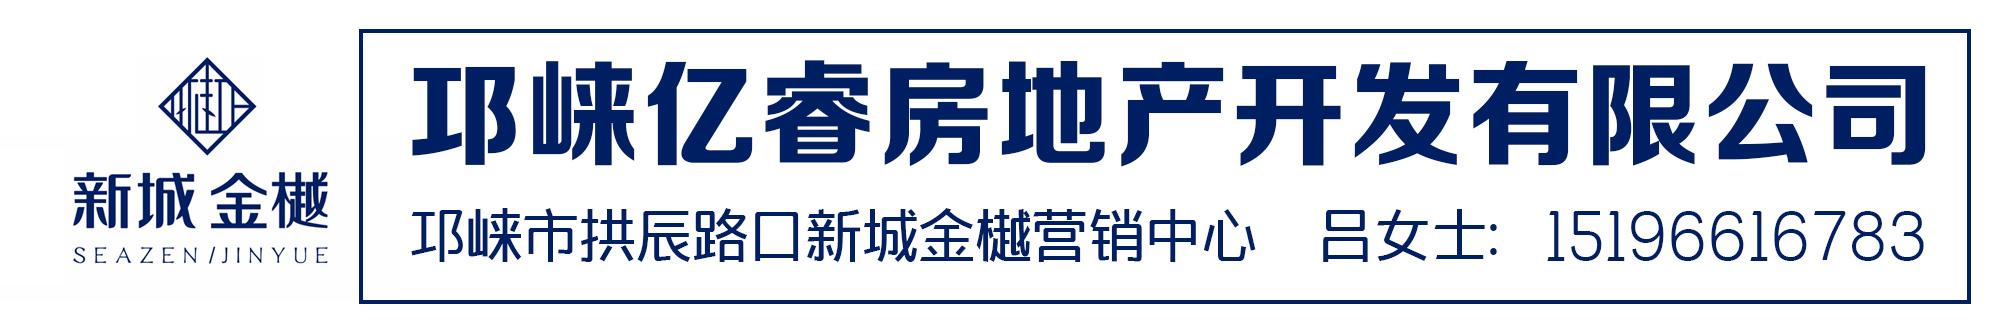 邛崃亿睿房地产开发有限公司